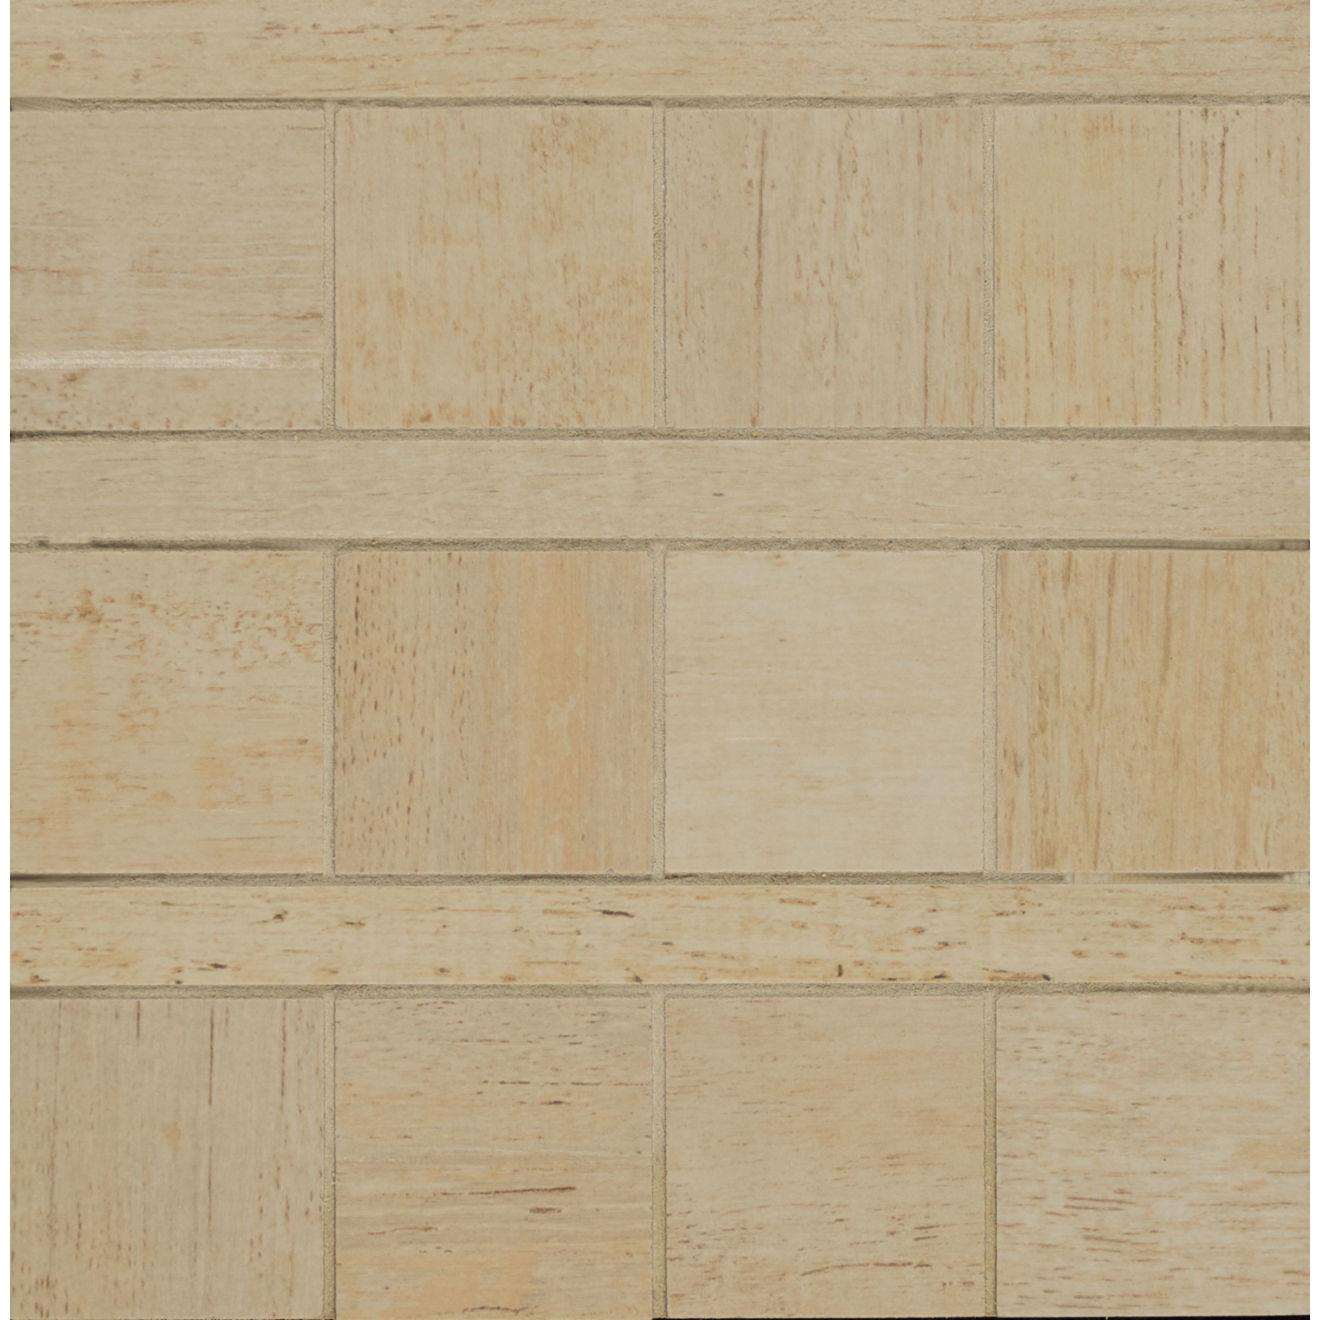 Barrique Floor & Wall Mosaic in Ecru